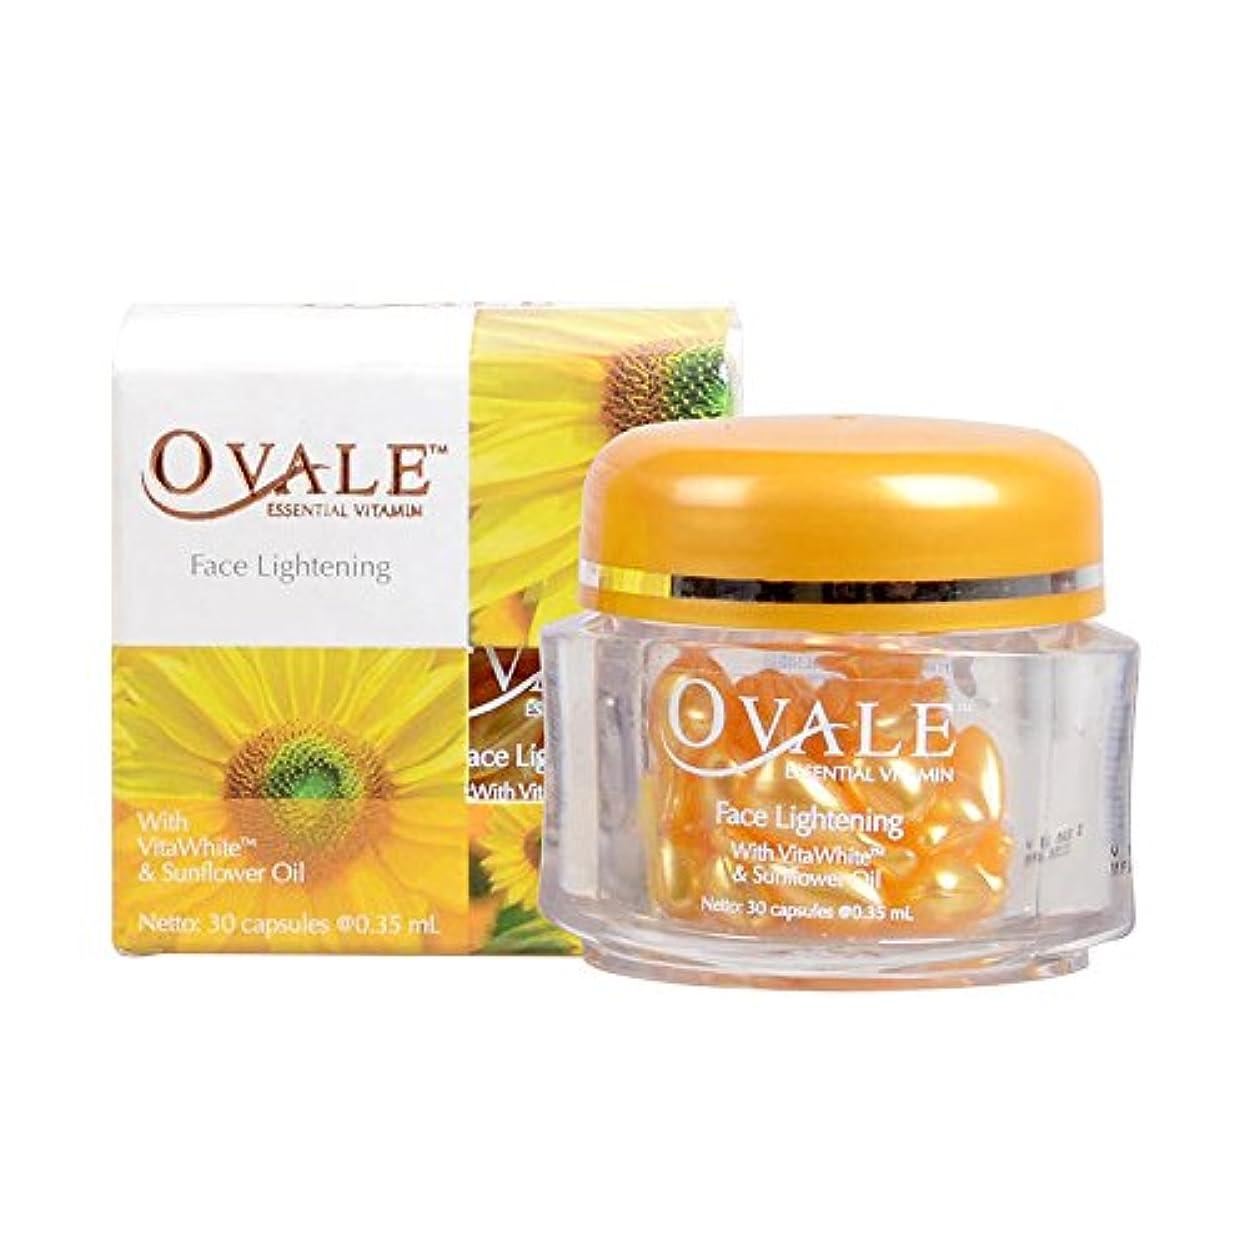 チーム吸収する幽霊Ovale オーバル フェイスビタミン essential vitamin 30粒入ボトル サンフラワー バリ島 bali [海外直送品]